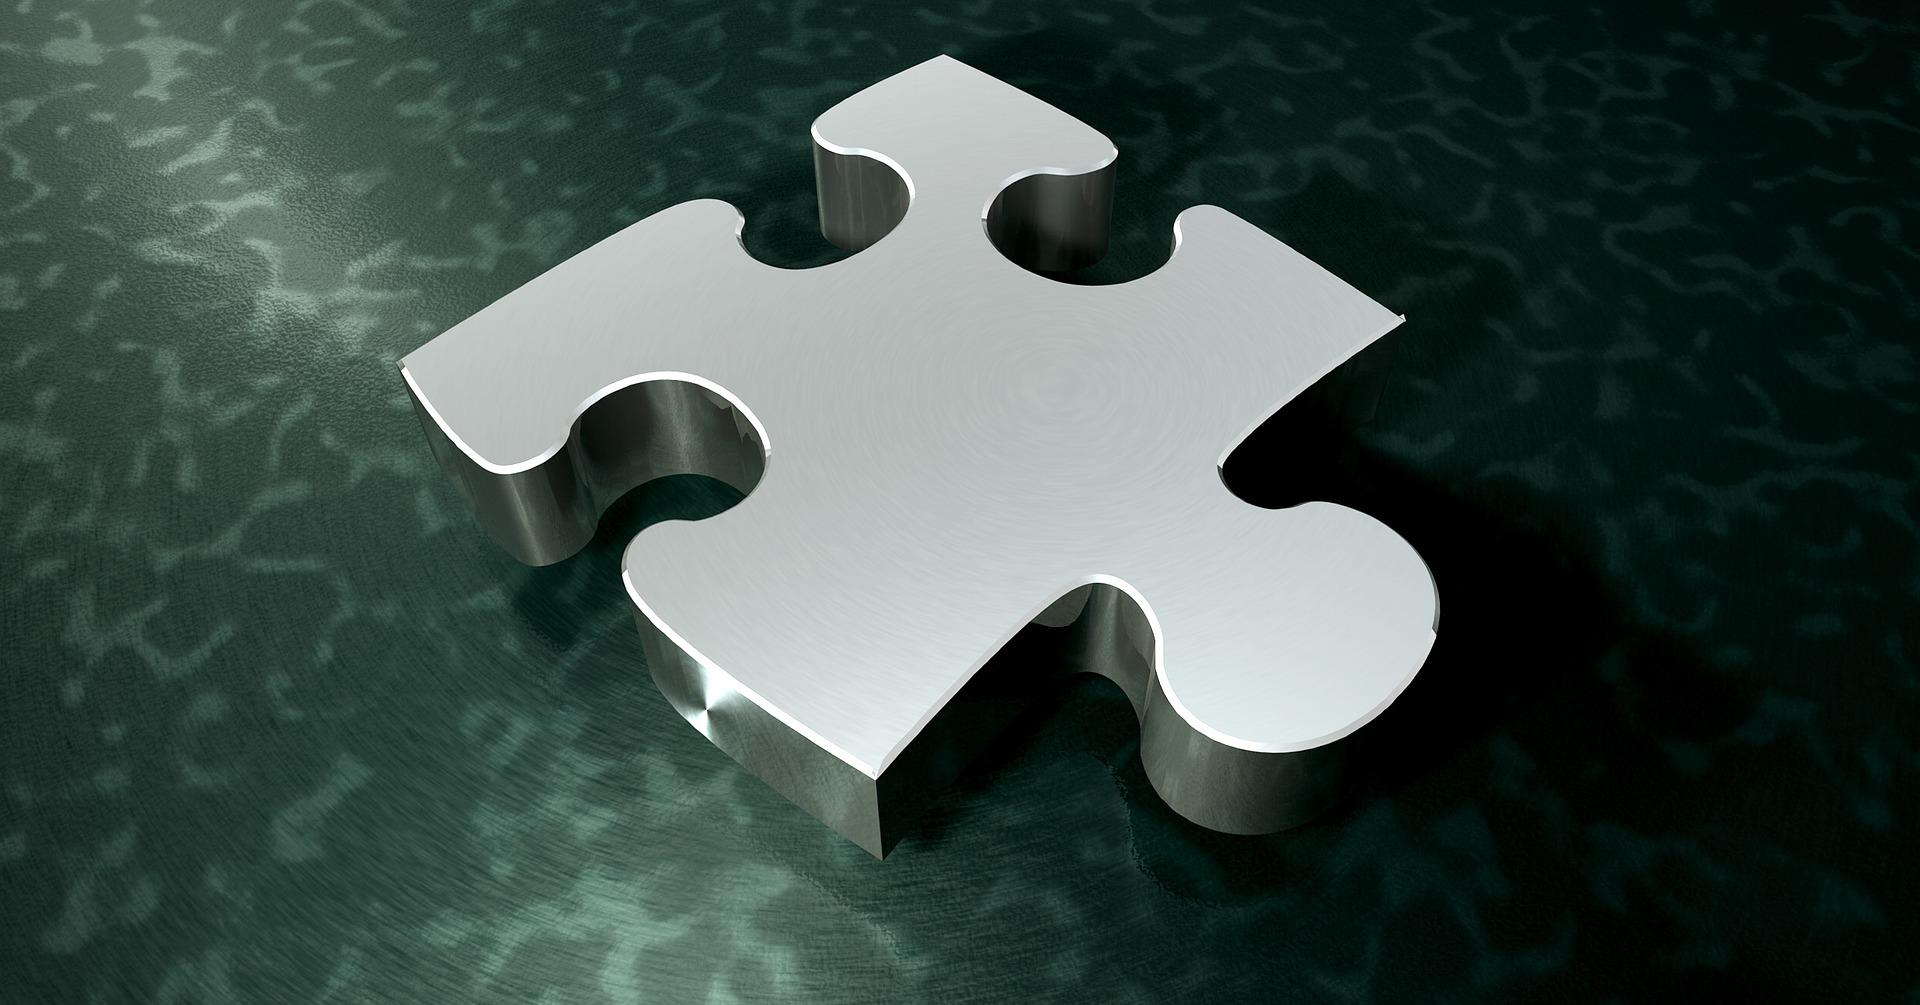 puzzle-1705339_1920